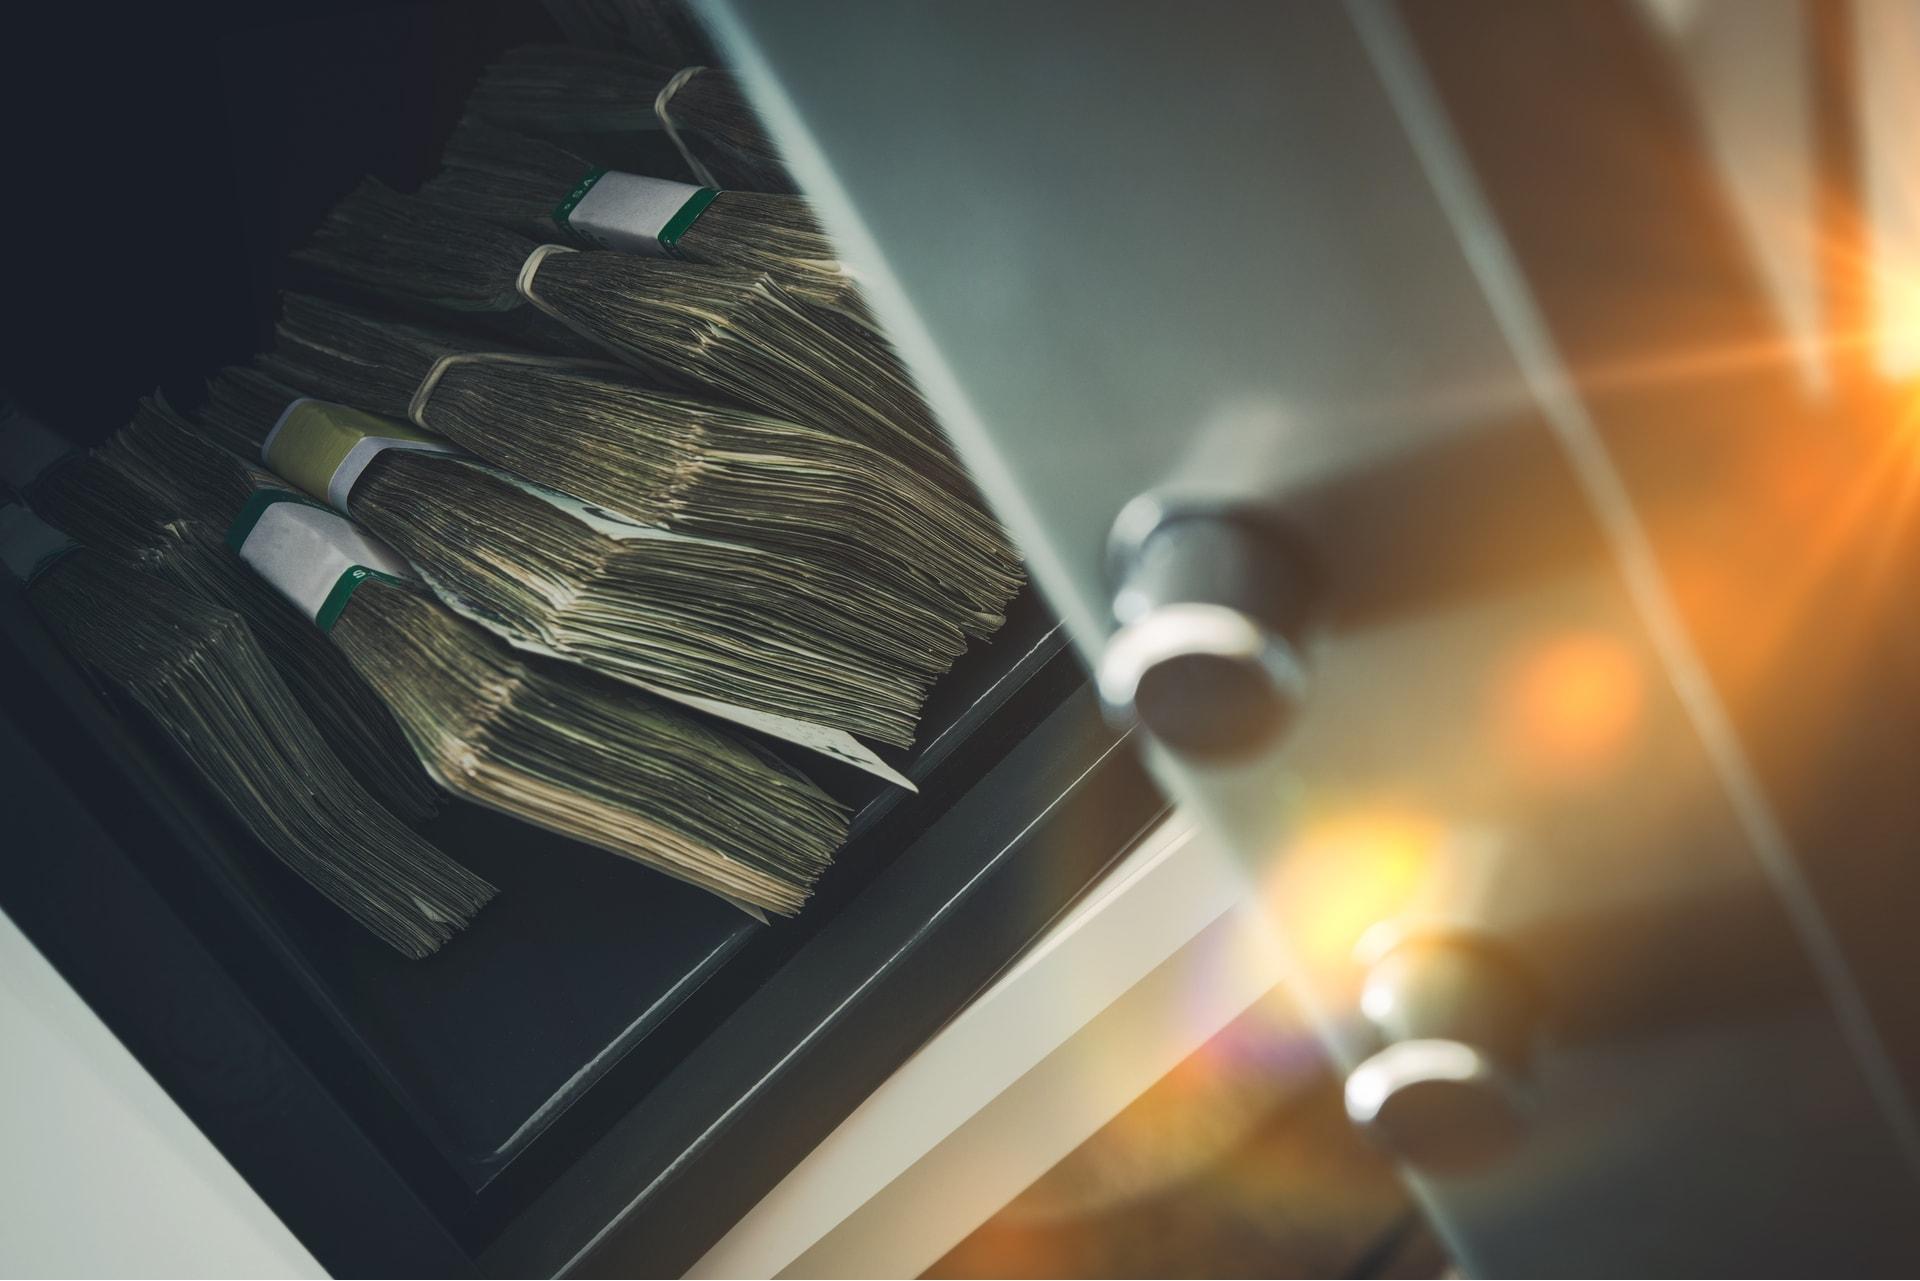 Een kluis met veel geld als deel van de huisbeveiliging dankzij GW Security Group